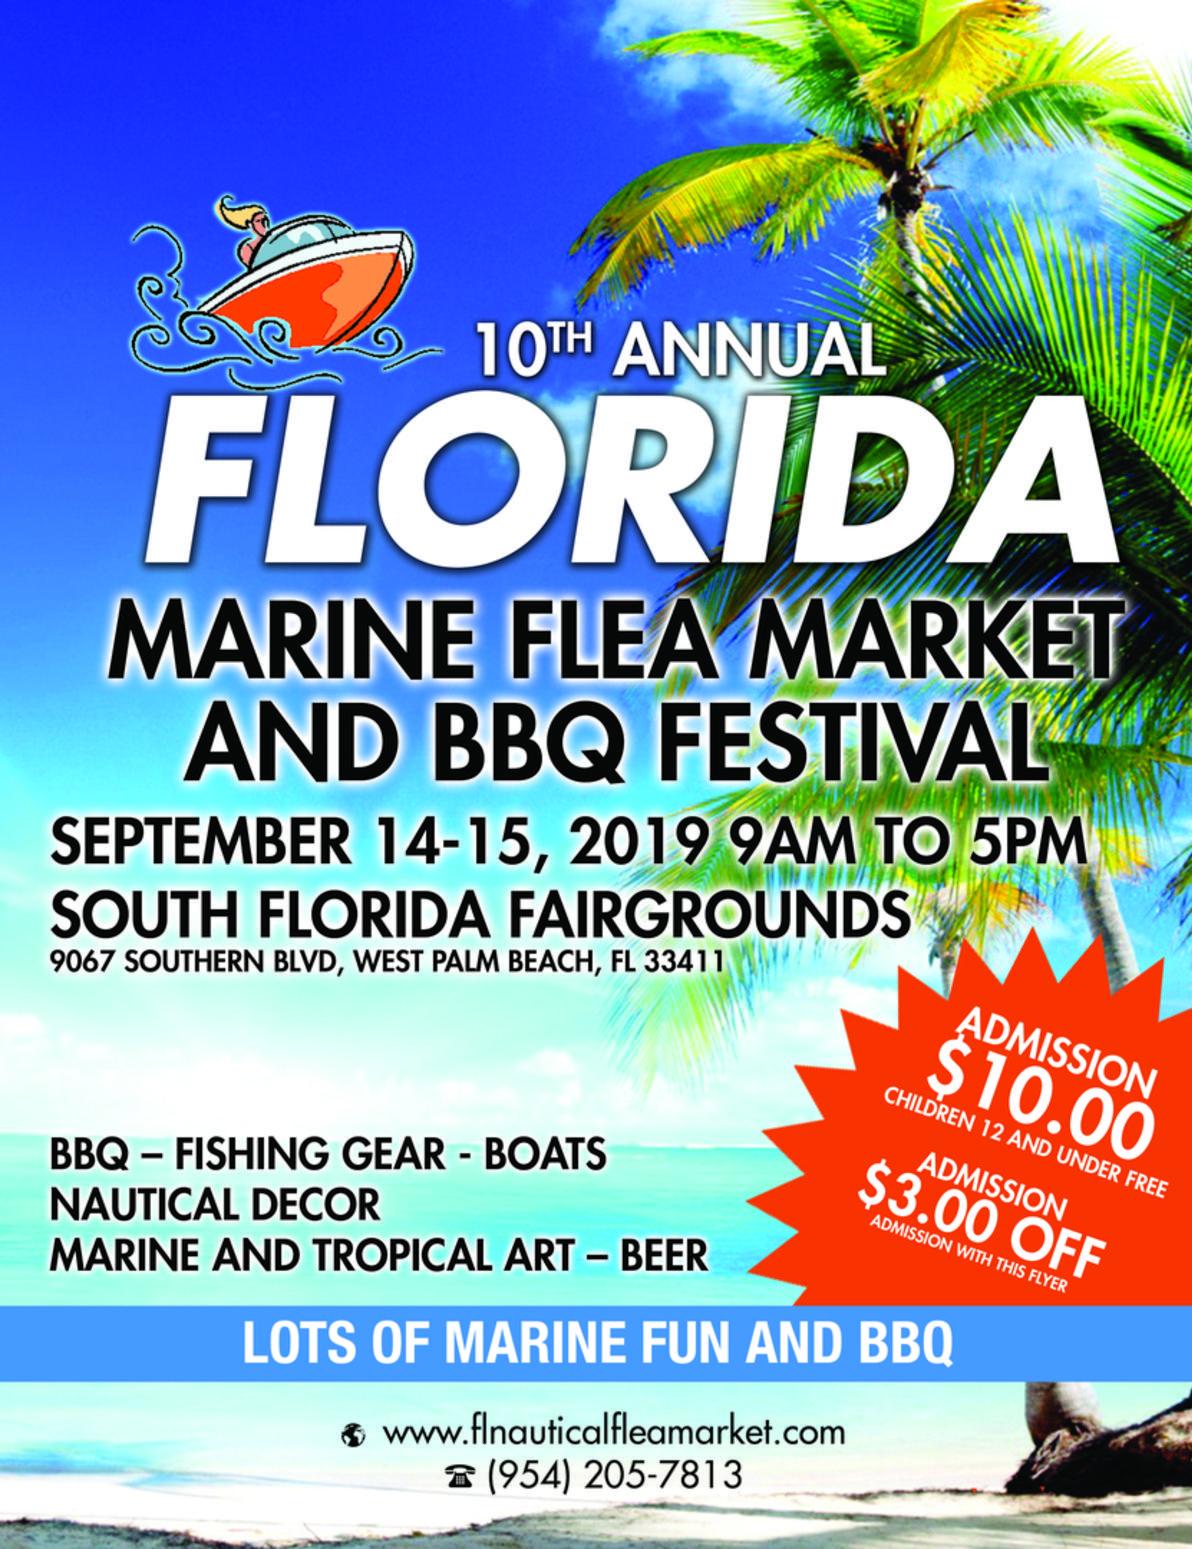 10th Annual Palm Beach Marine Flea Market and BBQ Festival